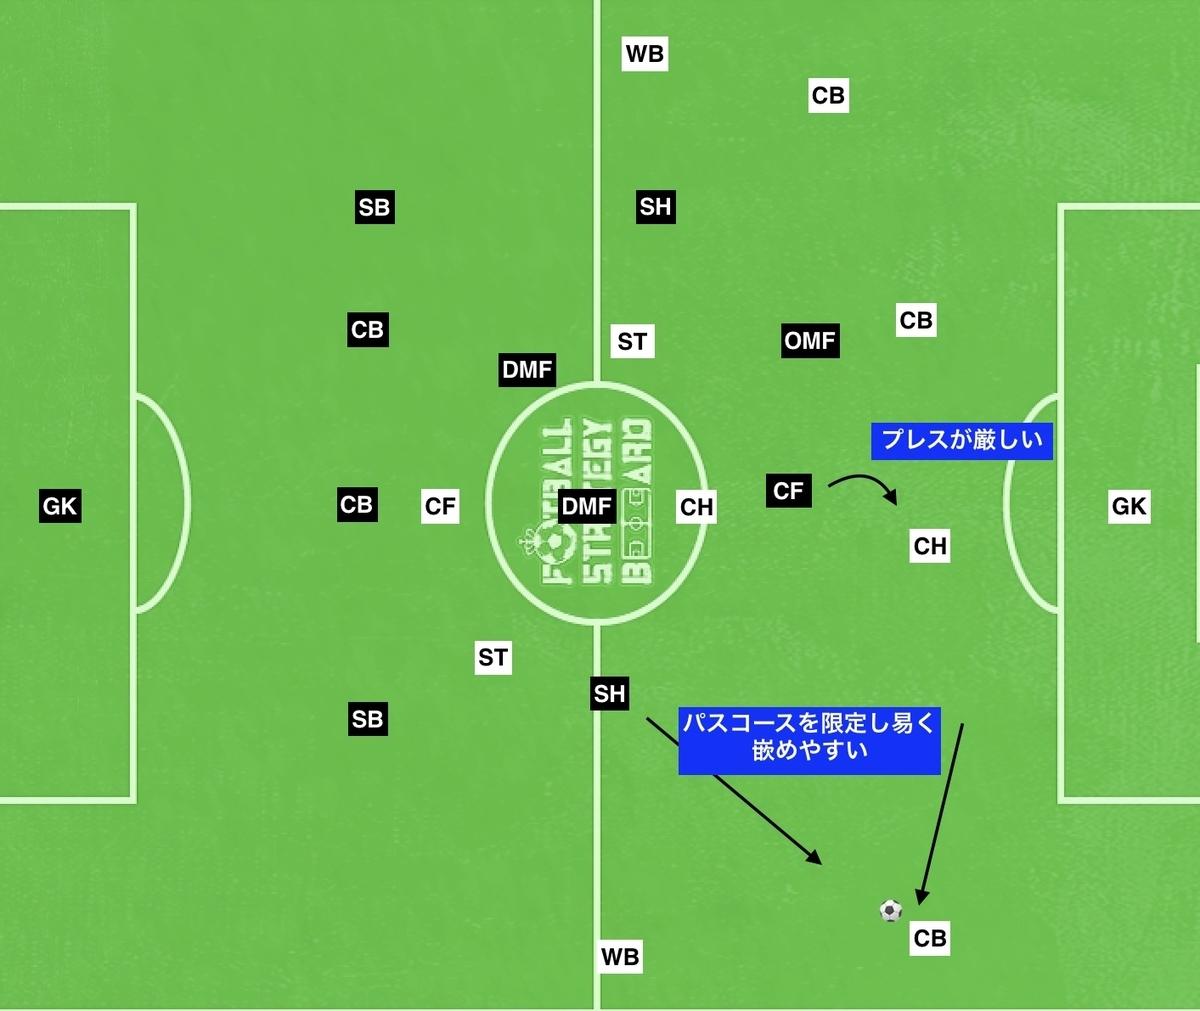 f:id:football-analyst:20190801113053j:plain